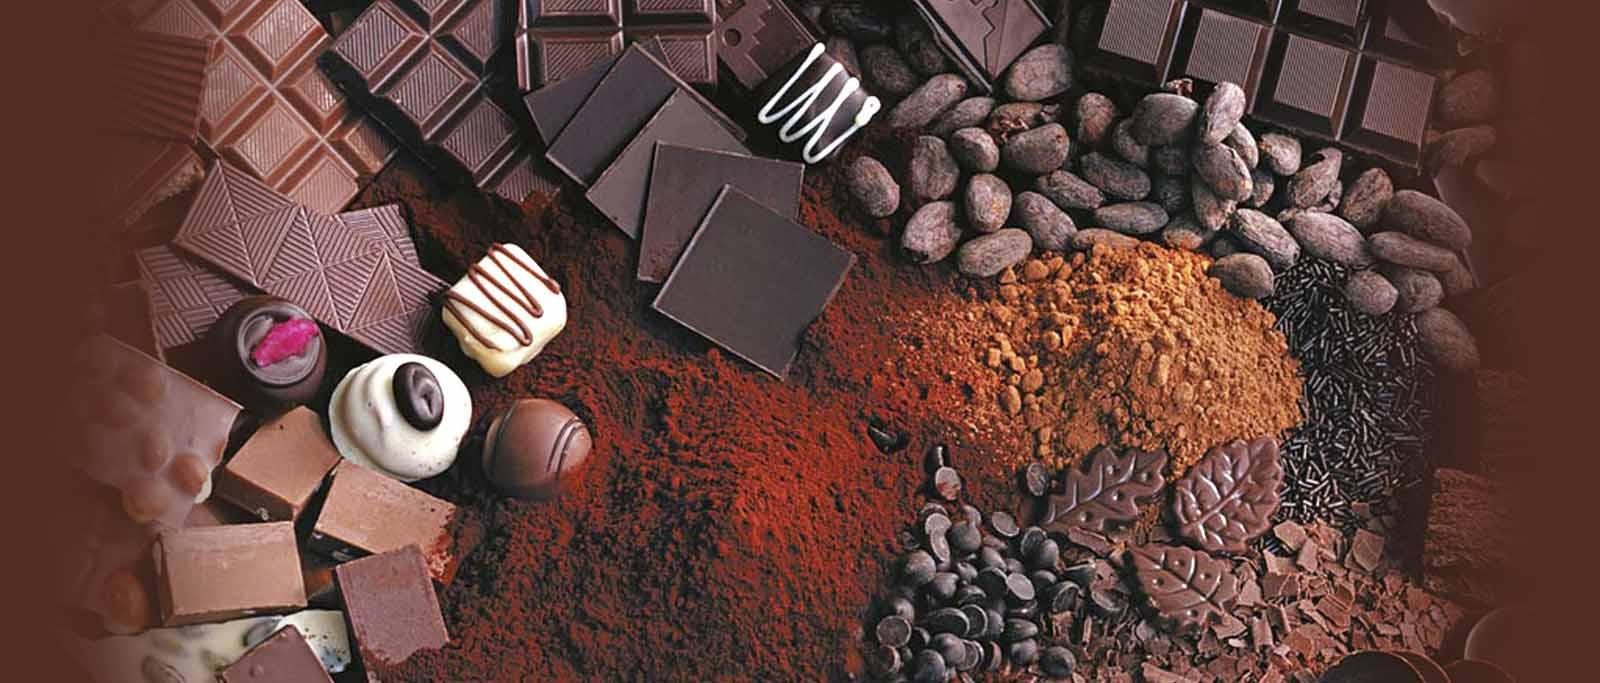 al falchetto perugia chocolate - photo#47